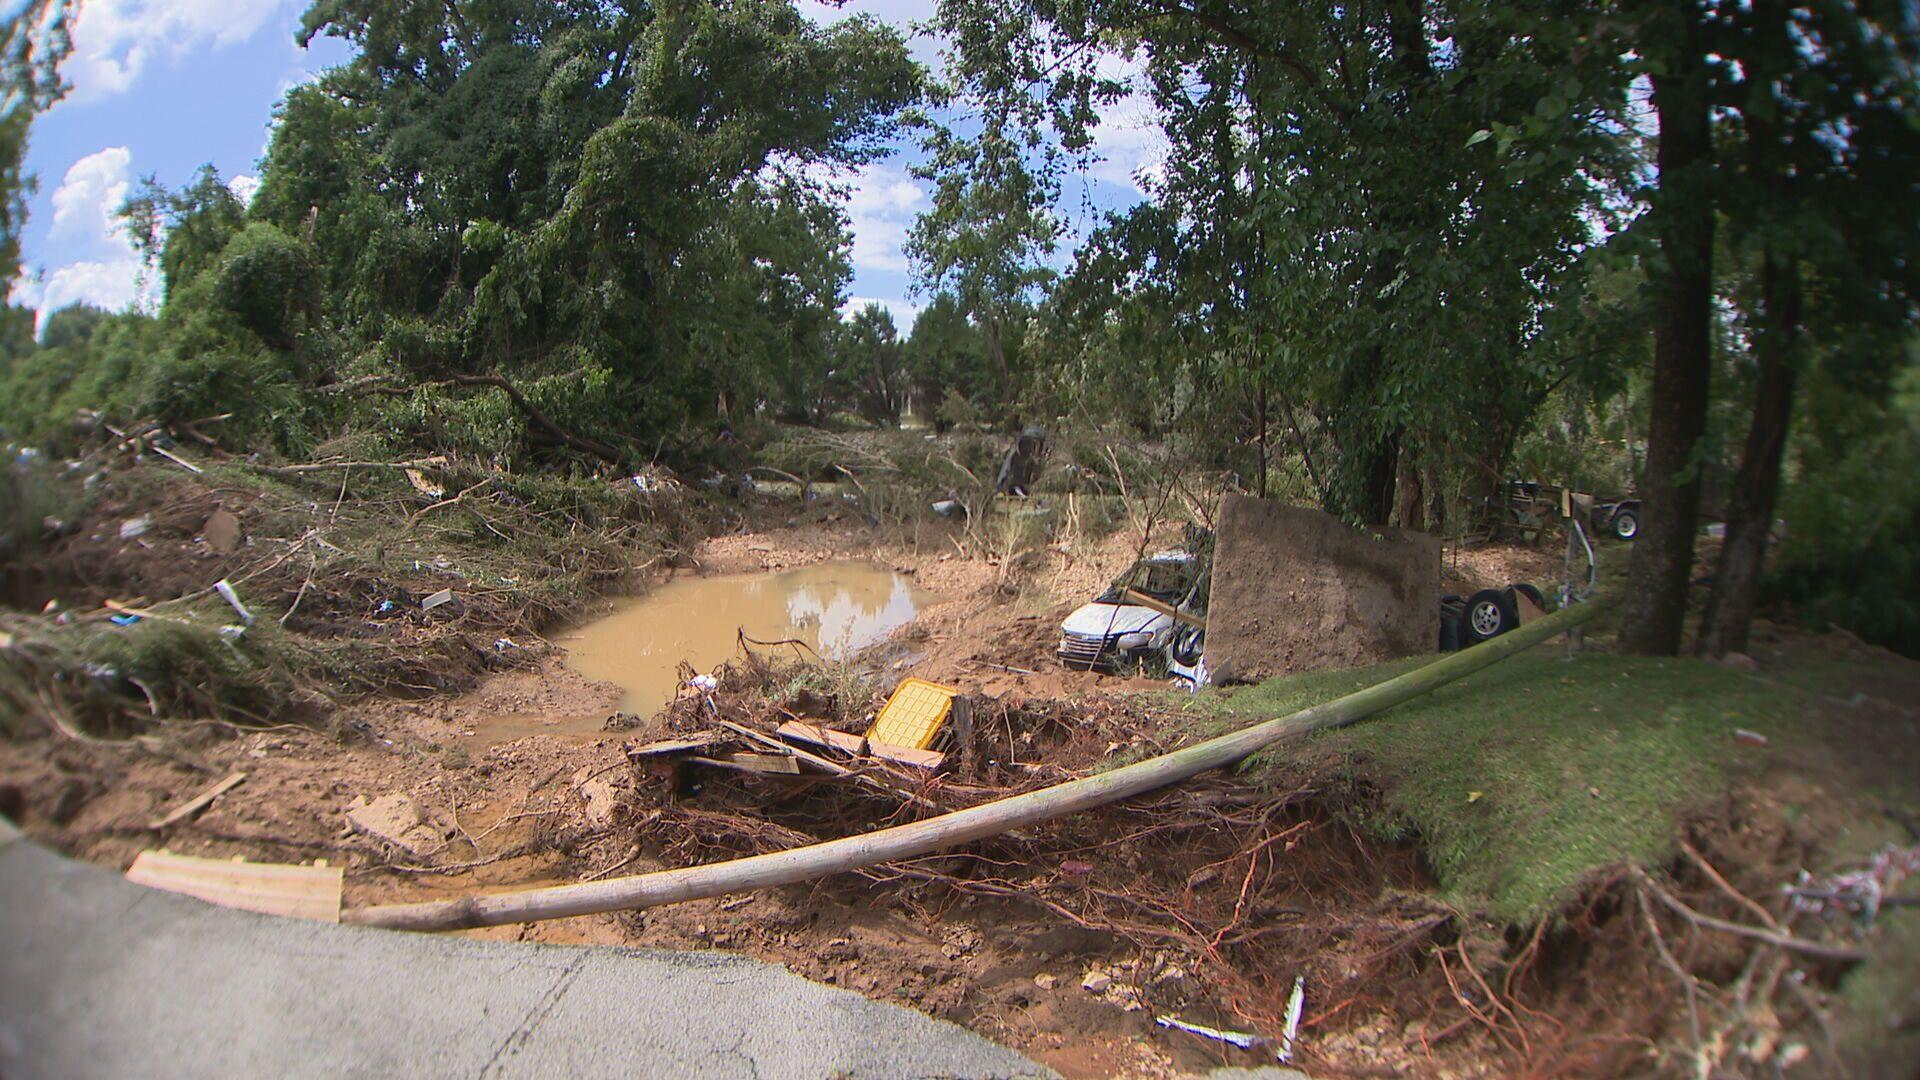 waverly flooding damage august 2021